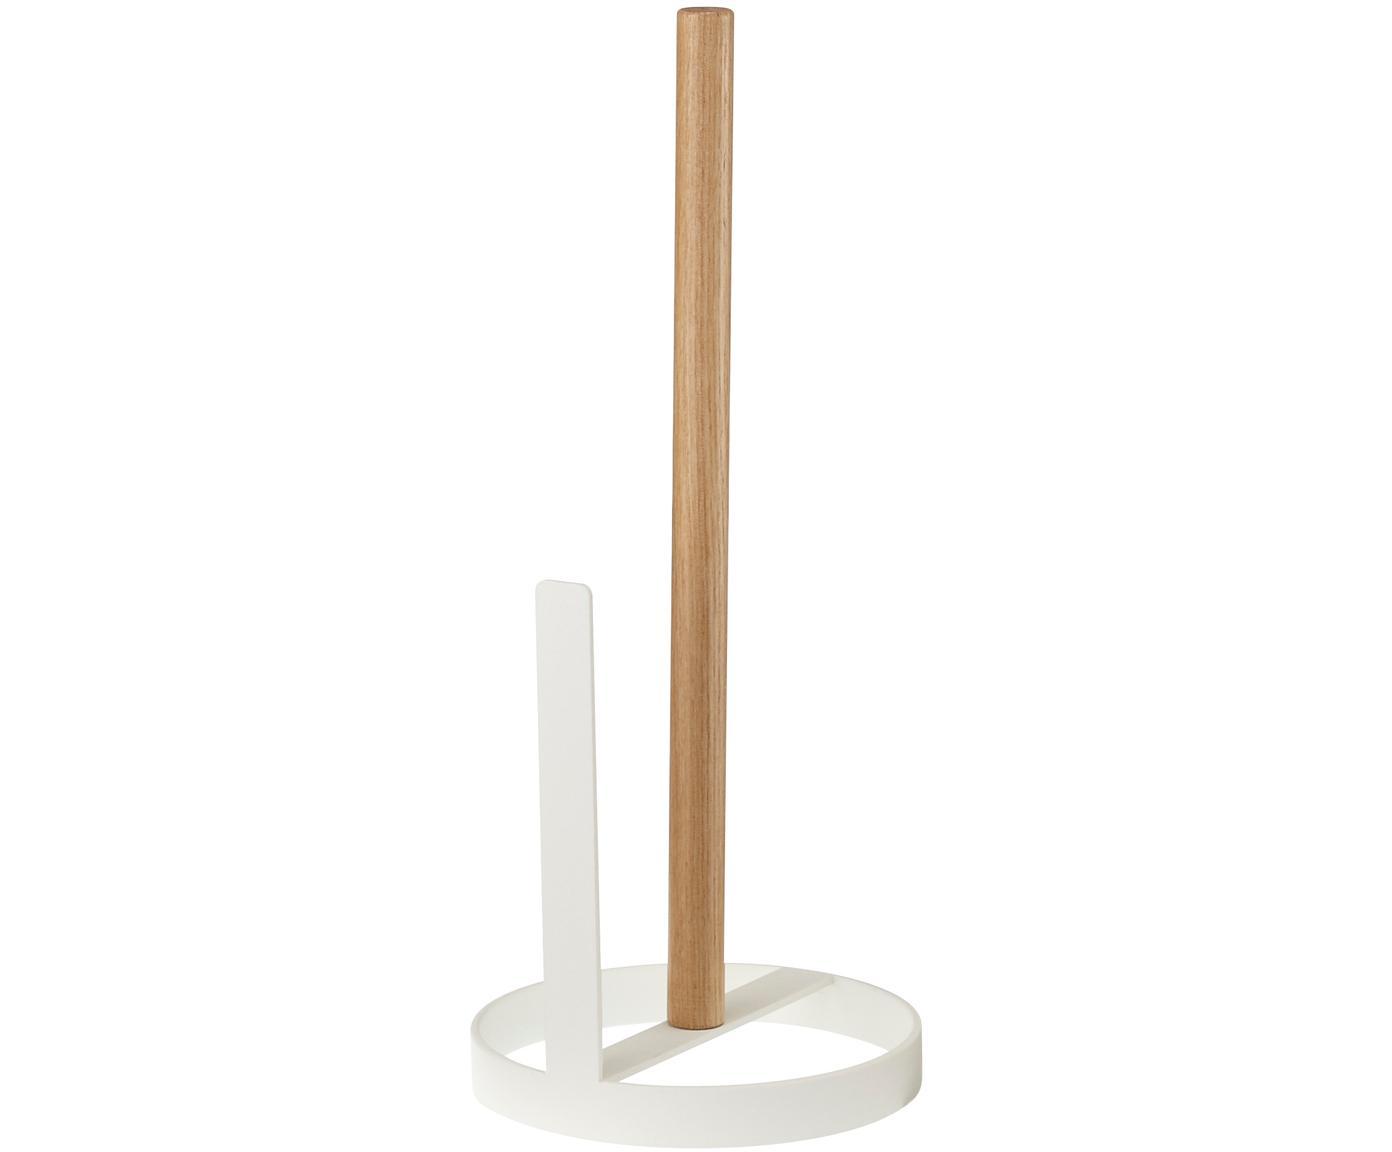 Kleiner Küchenrollenhalter Tosca, Stange: Holz, Weiss, Holz, Ø 11 x H 27 cm